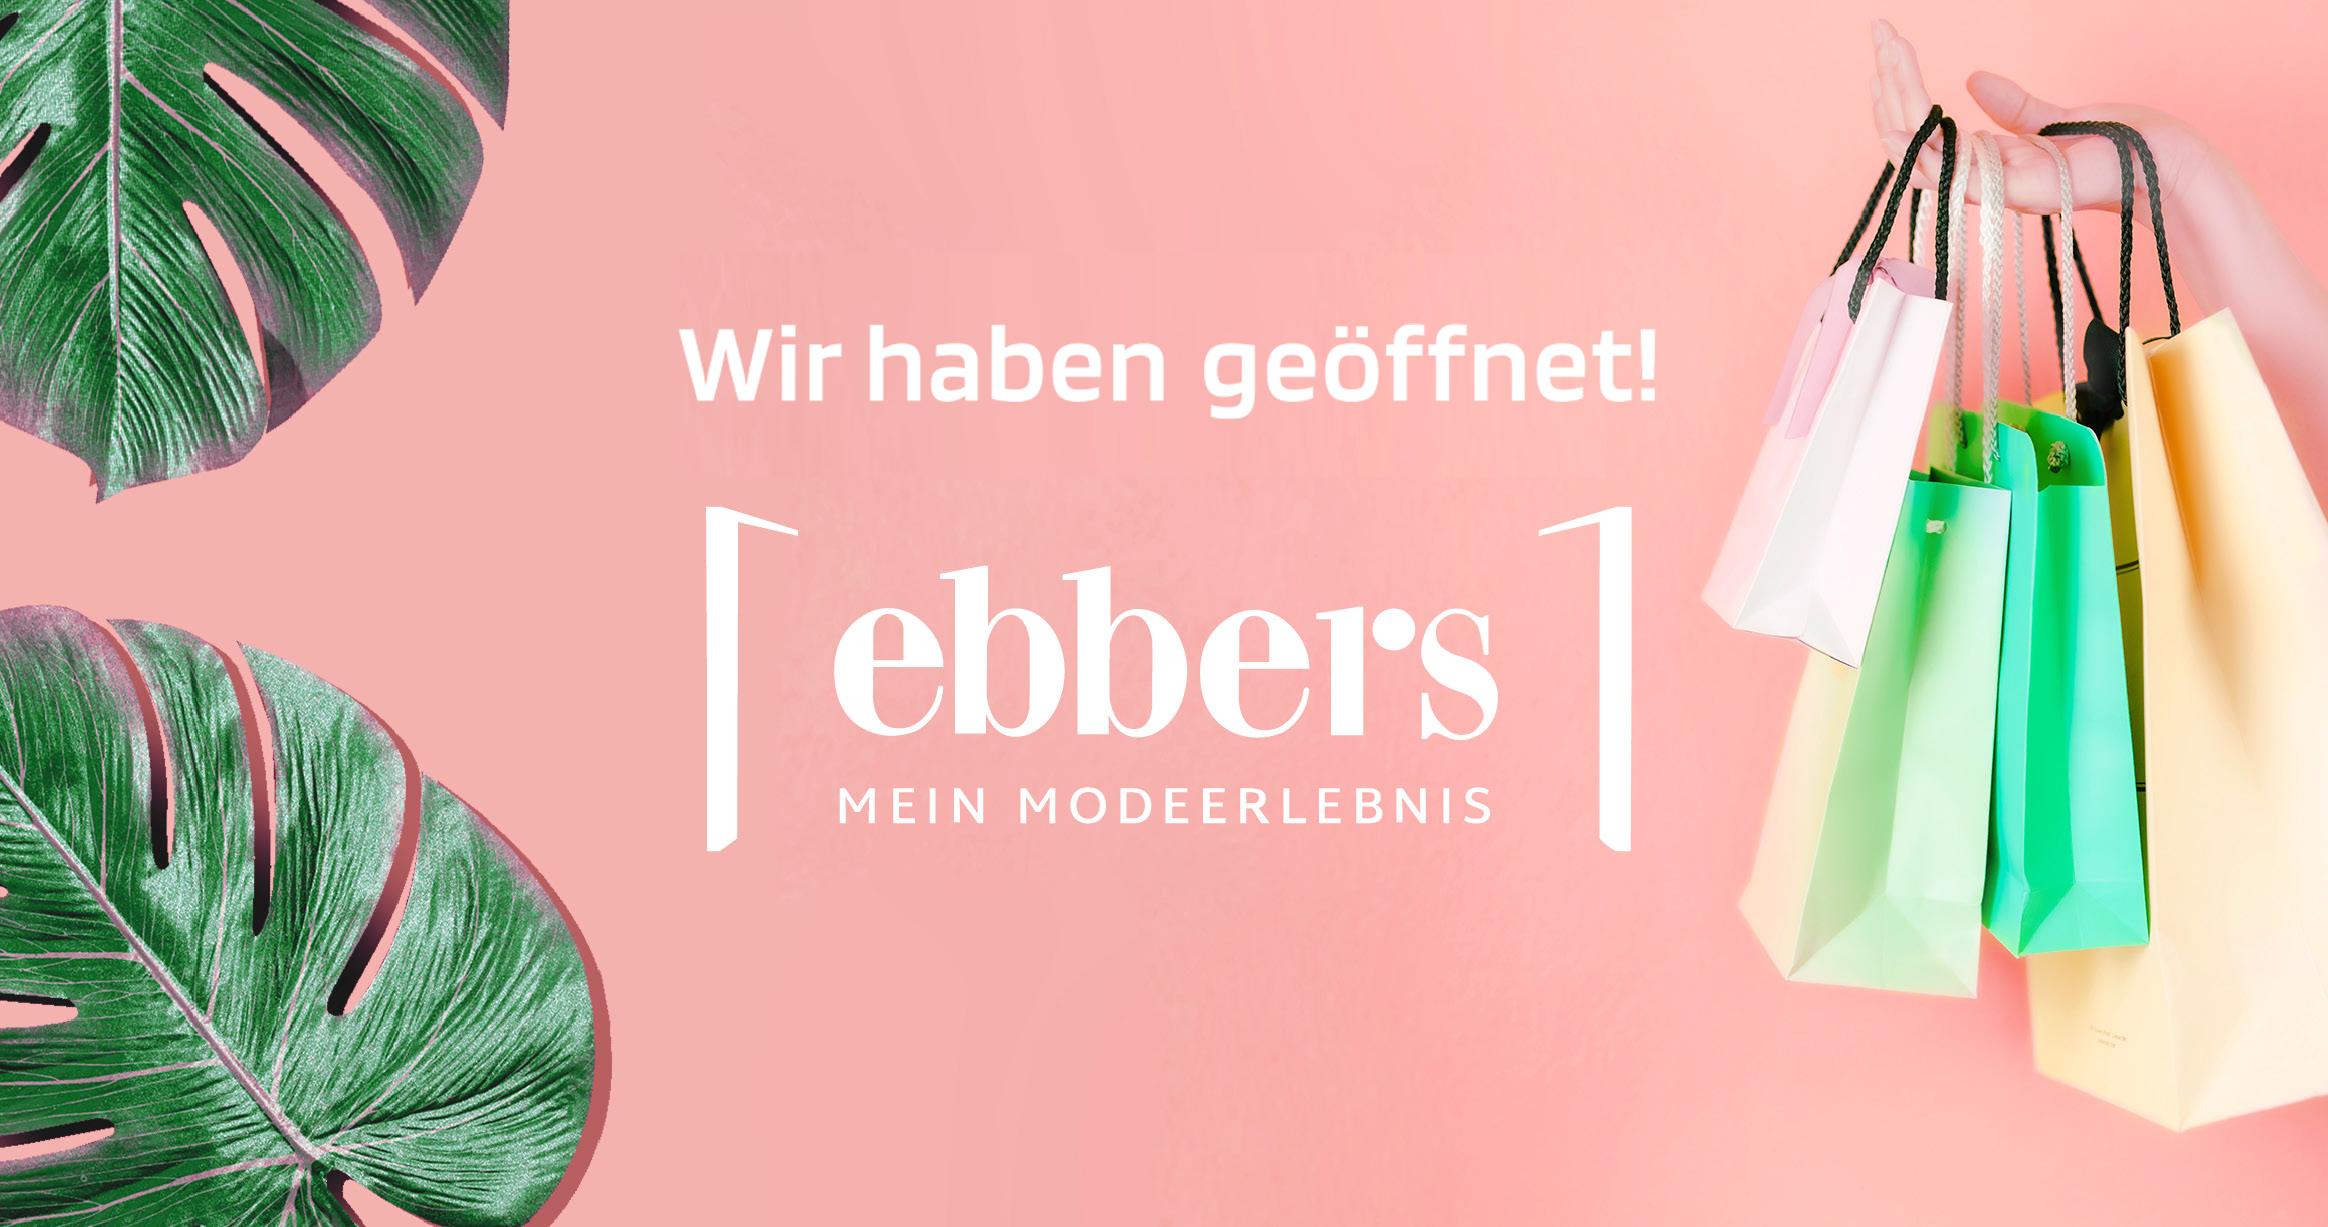 Das Modehaus ebbers in Warendorf hat geöffnet